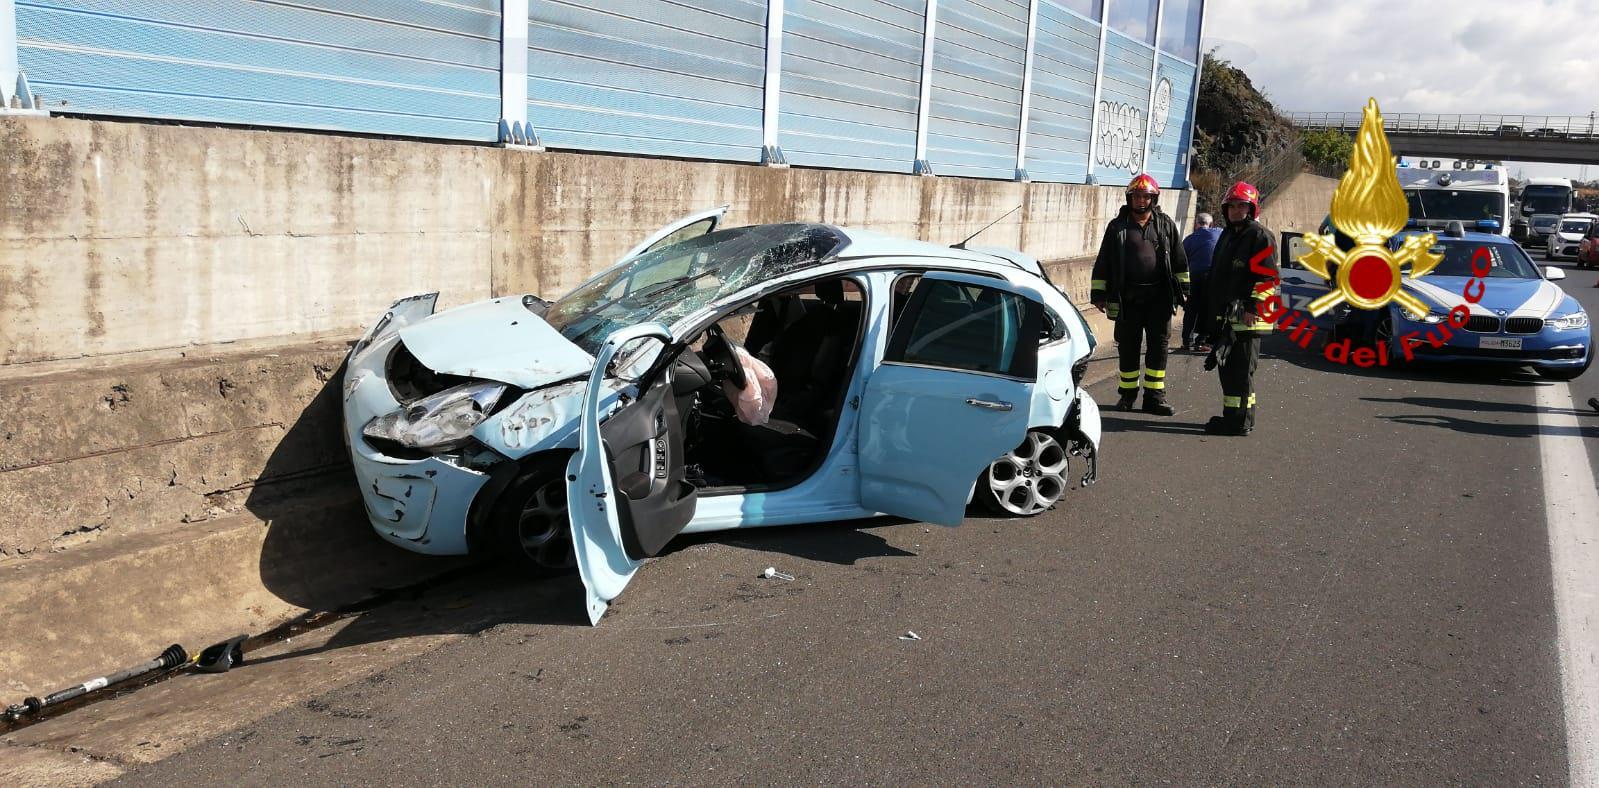 Incidente sulla Tangenziale di Catania, ferita donna di 30 anni: nuovi DETTAGLI sul sinistro – FOTO